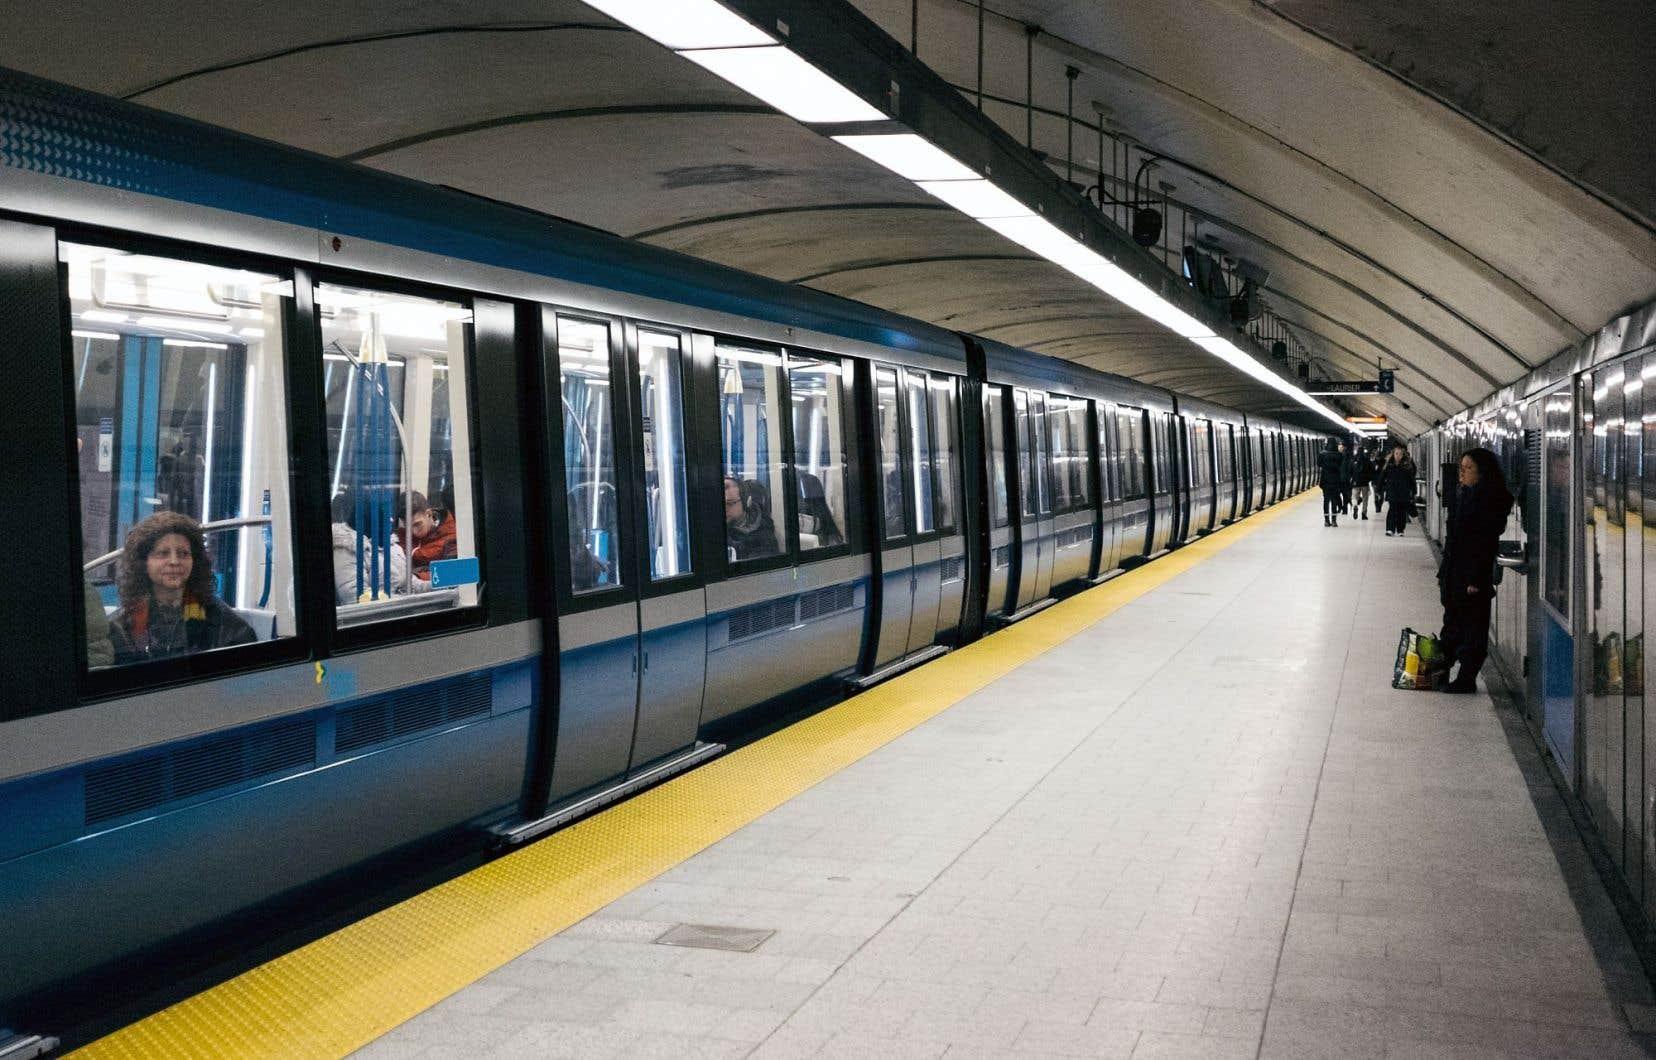 Comme plusieurs questions demeurent encore sans réponses, les trains Azur ne seront pas remis en service dans l'immédiat.